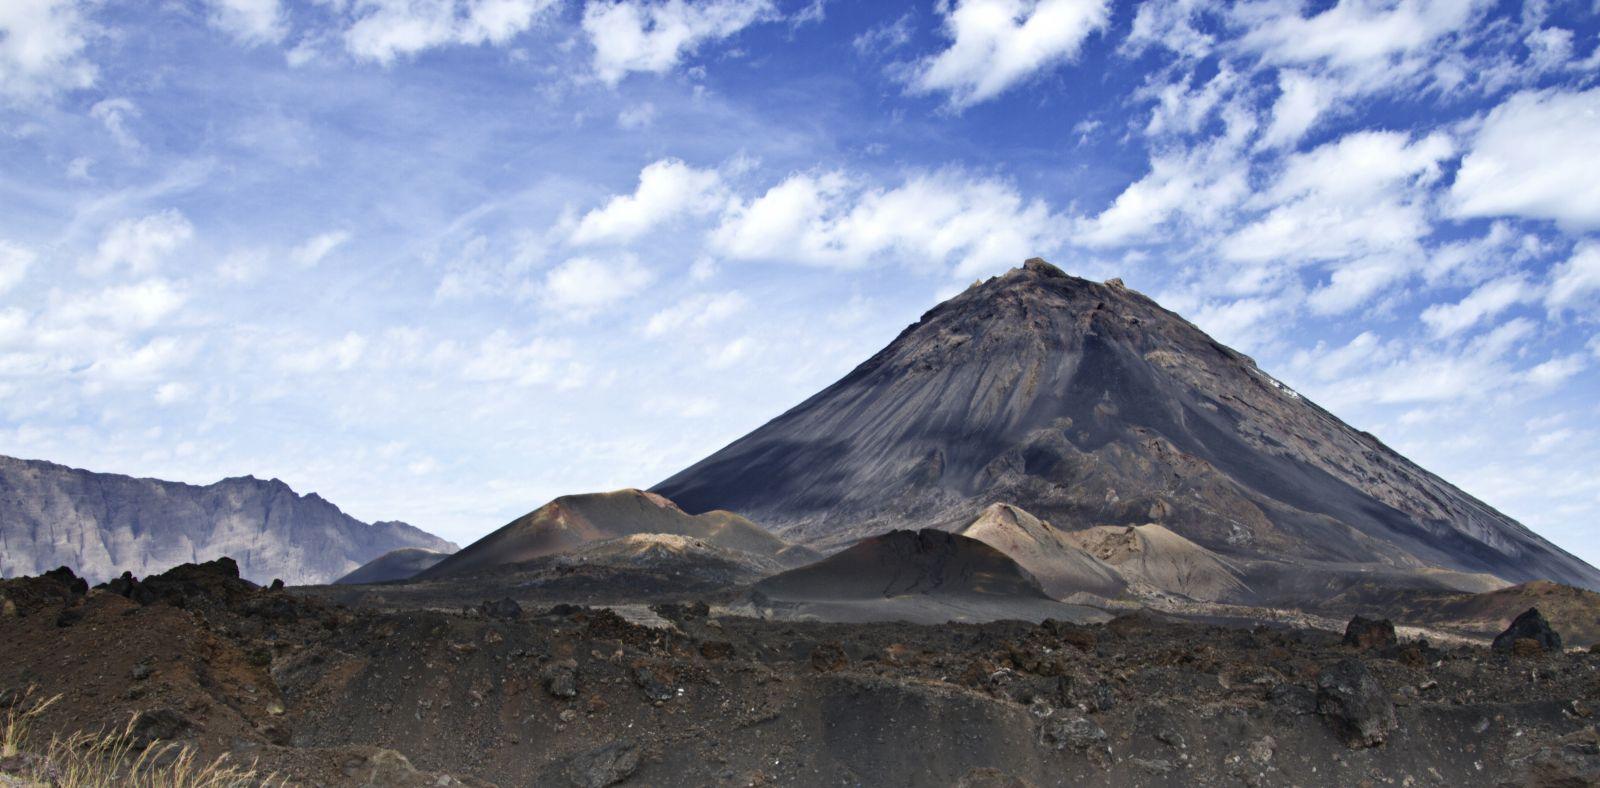 Die Vulkaninsel Fogo ist noch eine Mondlandschaft, denn der Pico de Fogo ist immernoch aktiv. ©Lena Balk/AdobeStock